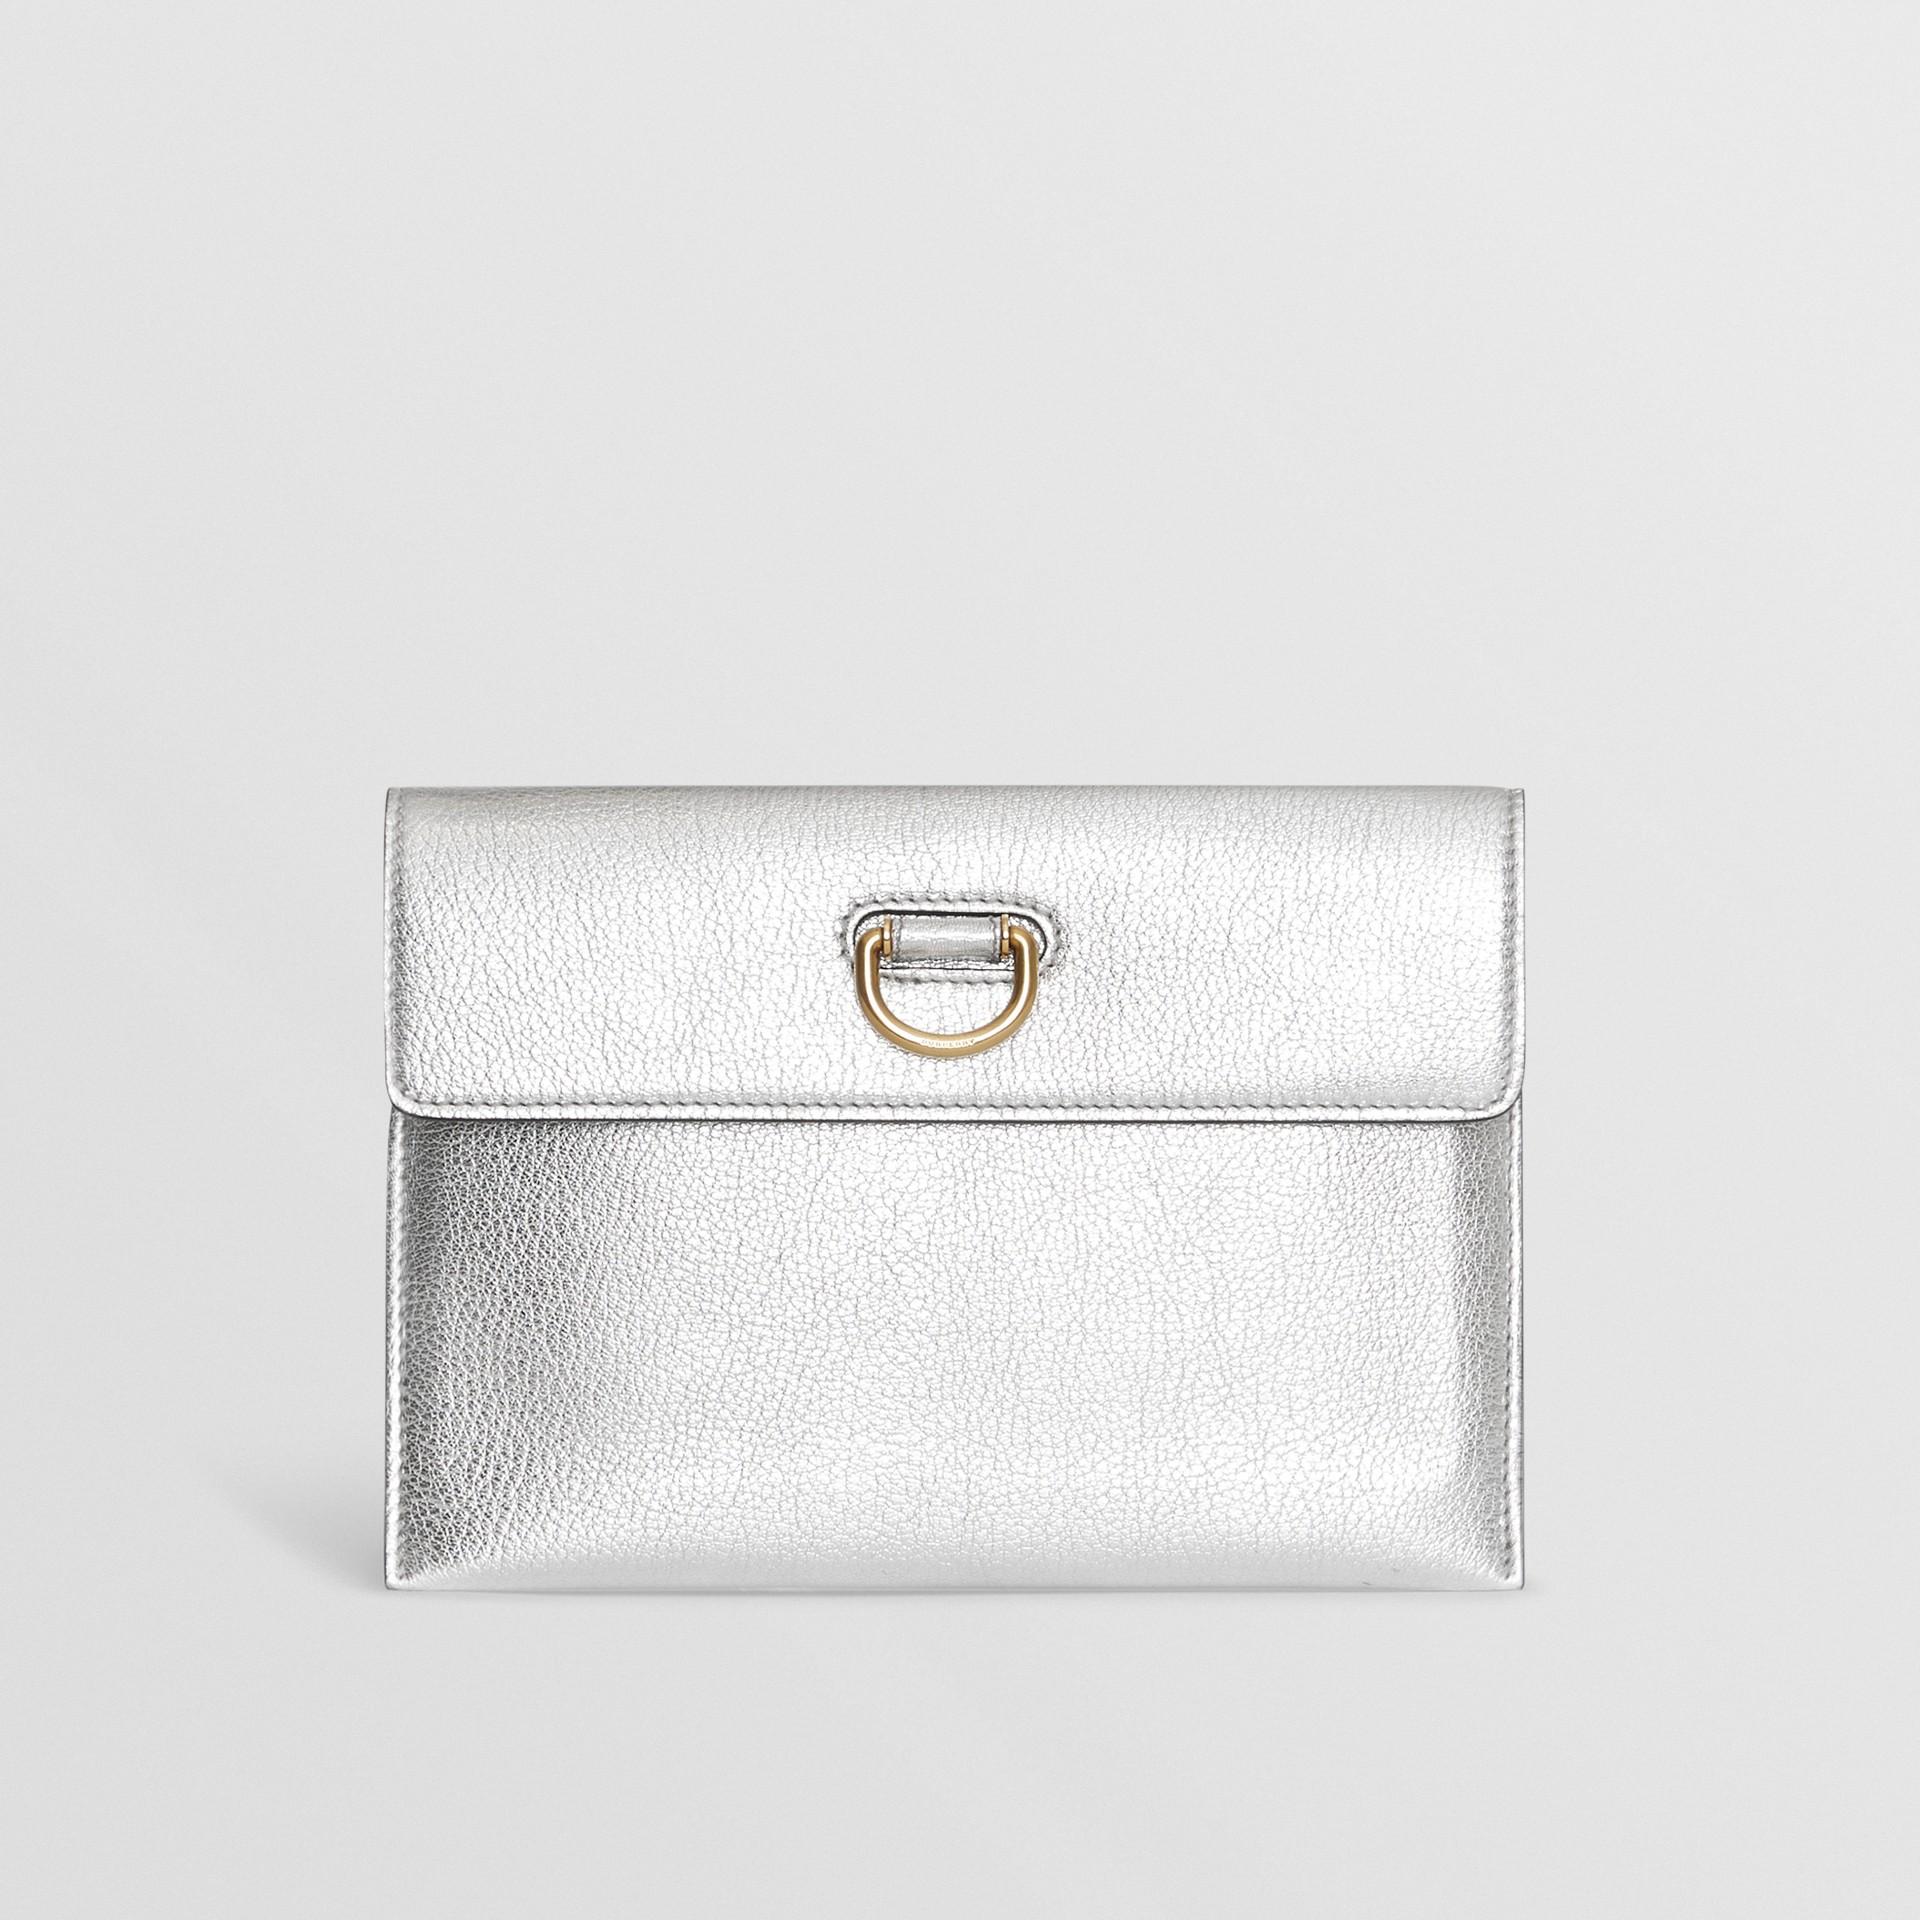 Trousse con portamonete in pelle metallizzata con cerniera e anello a D (Argento) - Donna | Burberry - immagine della galleria 0